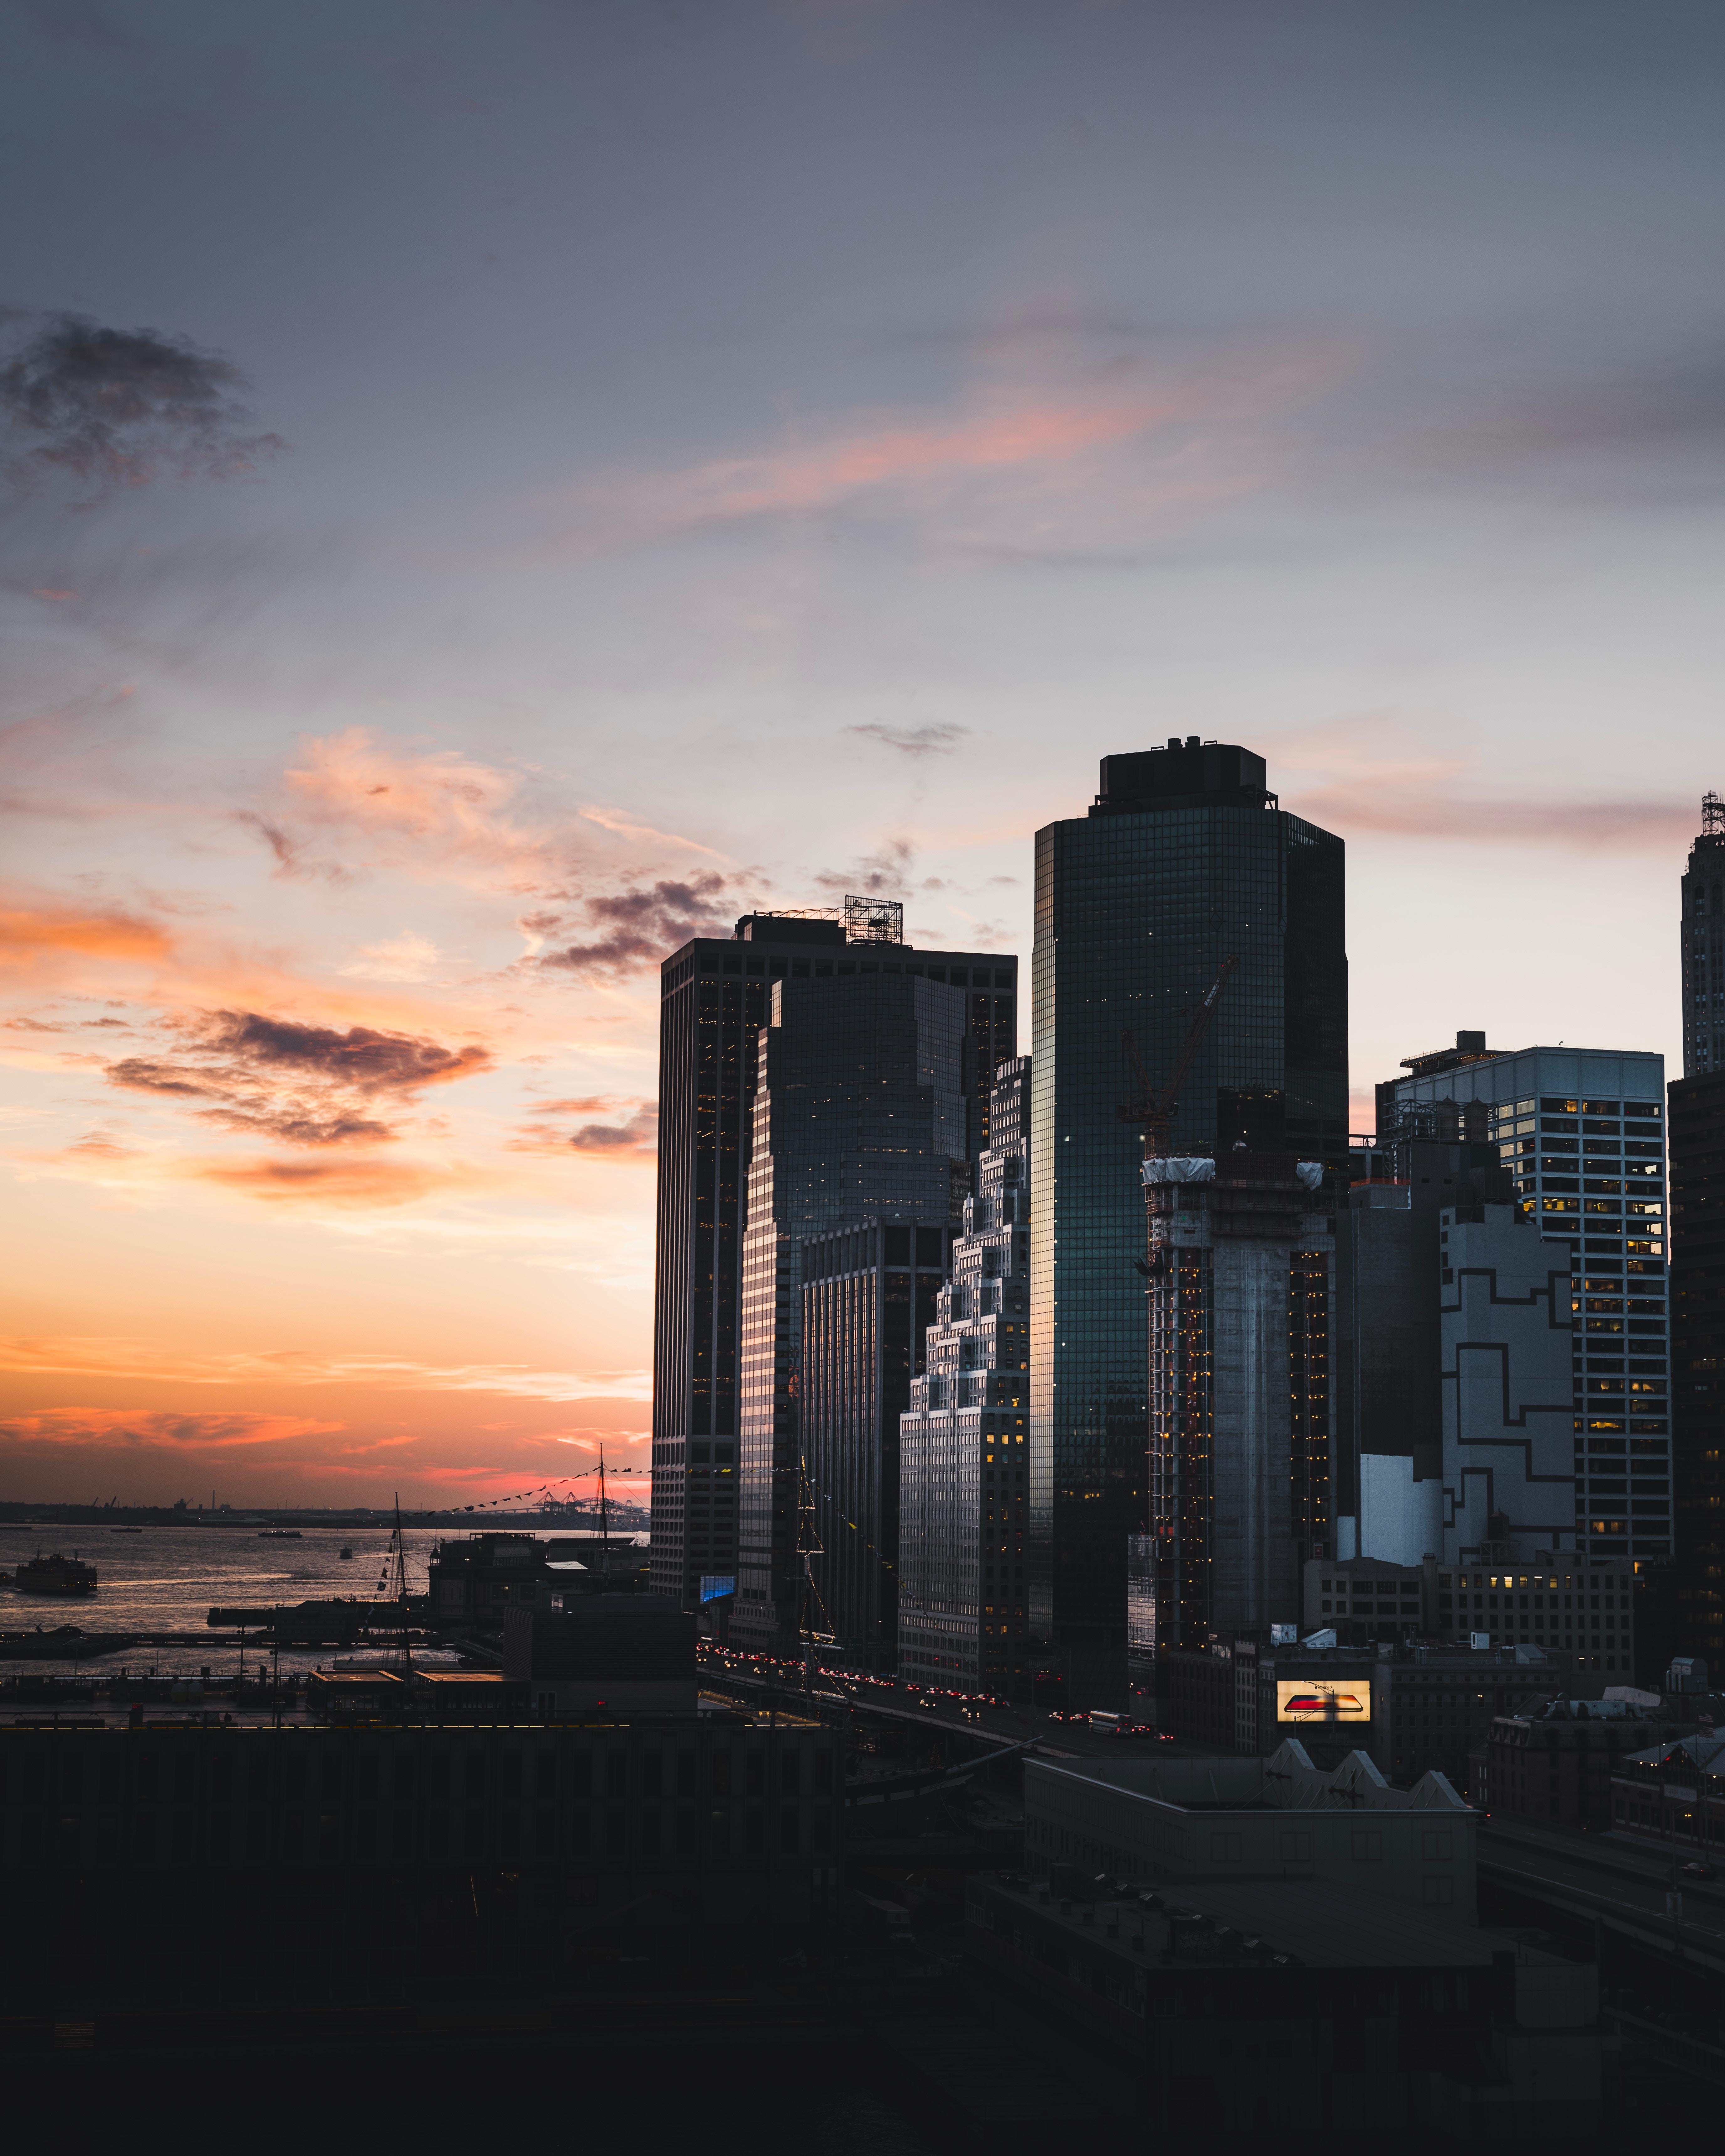 65729 Hintergrundbild 480x800 kostenlos auf deinem Handy, lade Bilder Städte, Usa, Gebäude, Abend, New York, Manhattan 480x800 auf dein Handy herunter